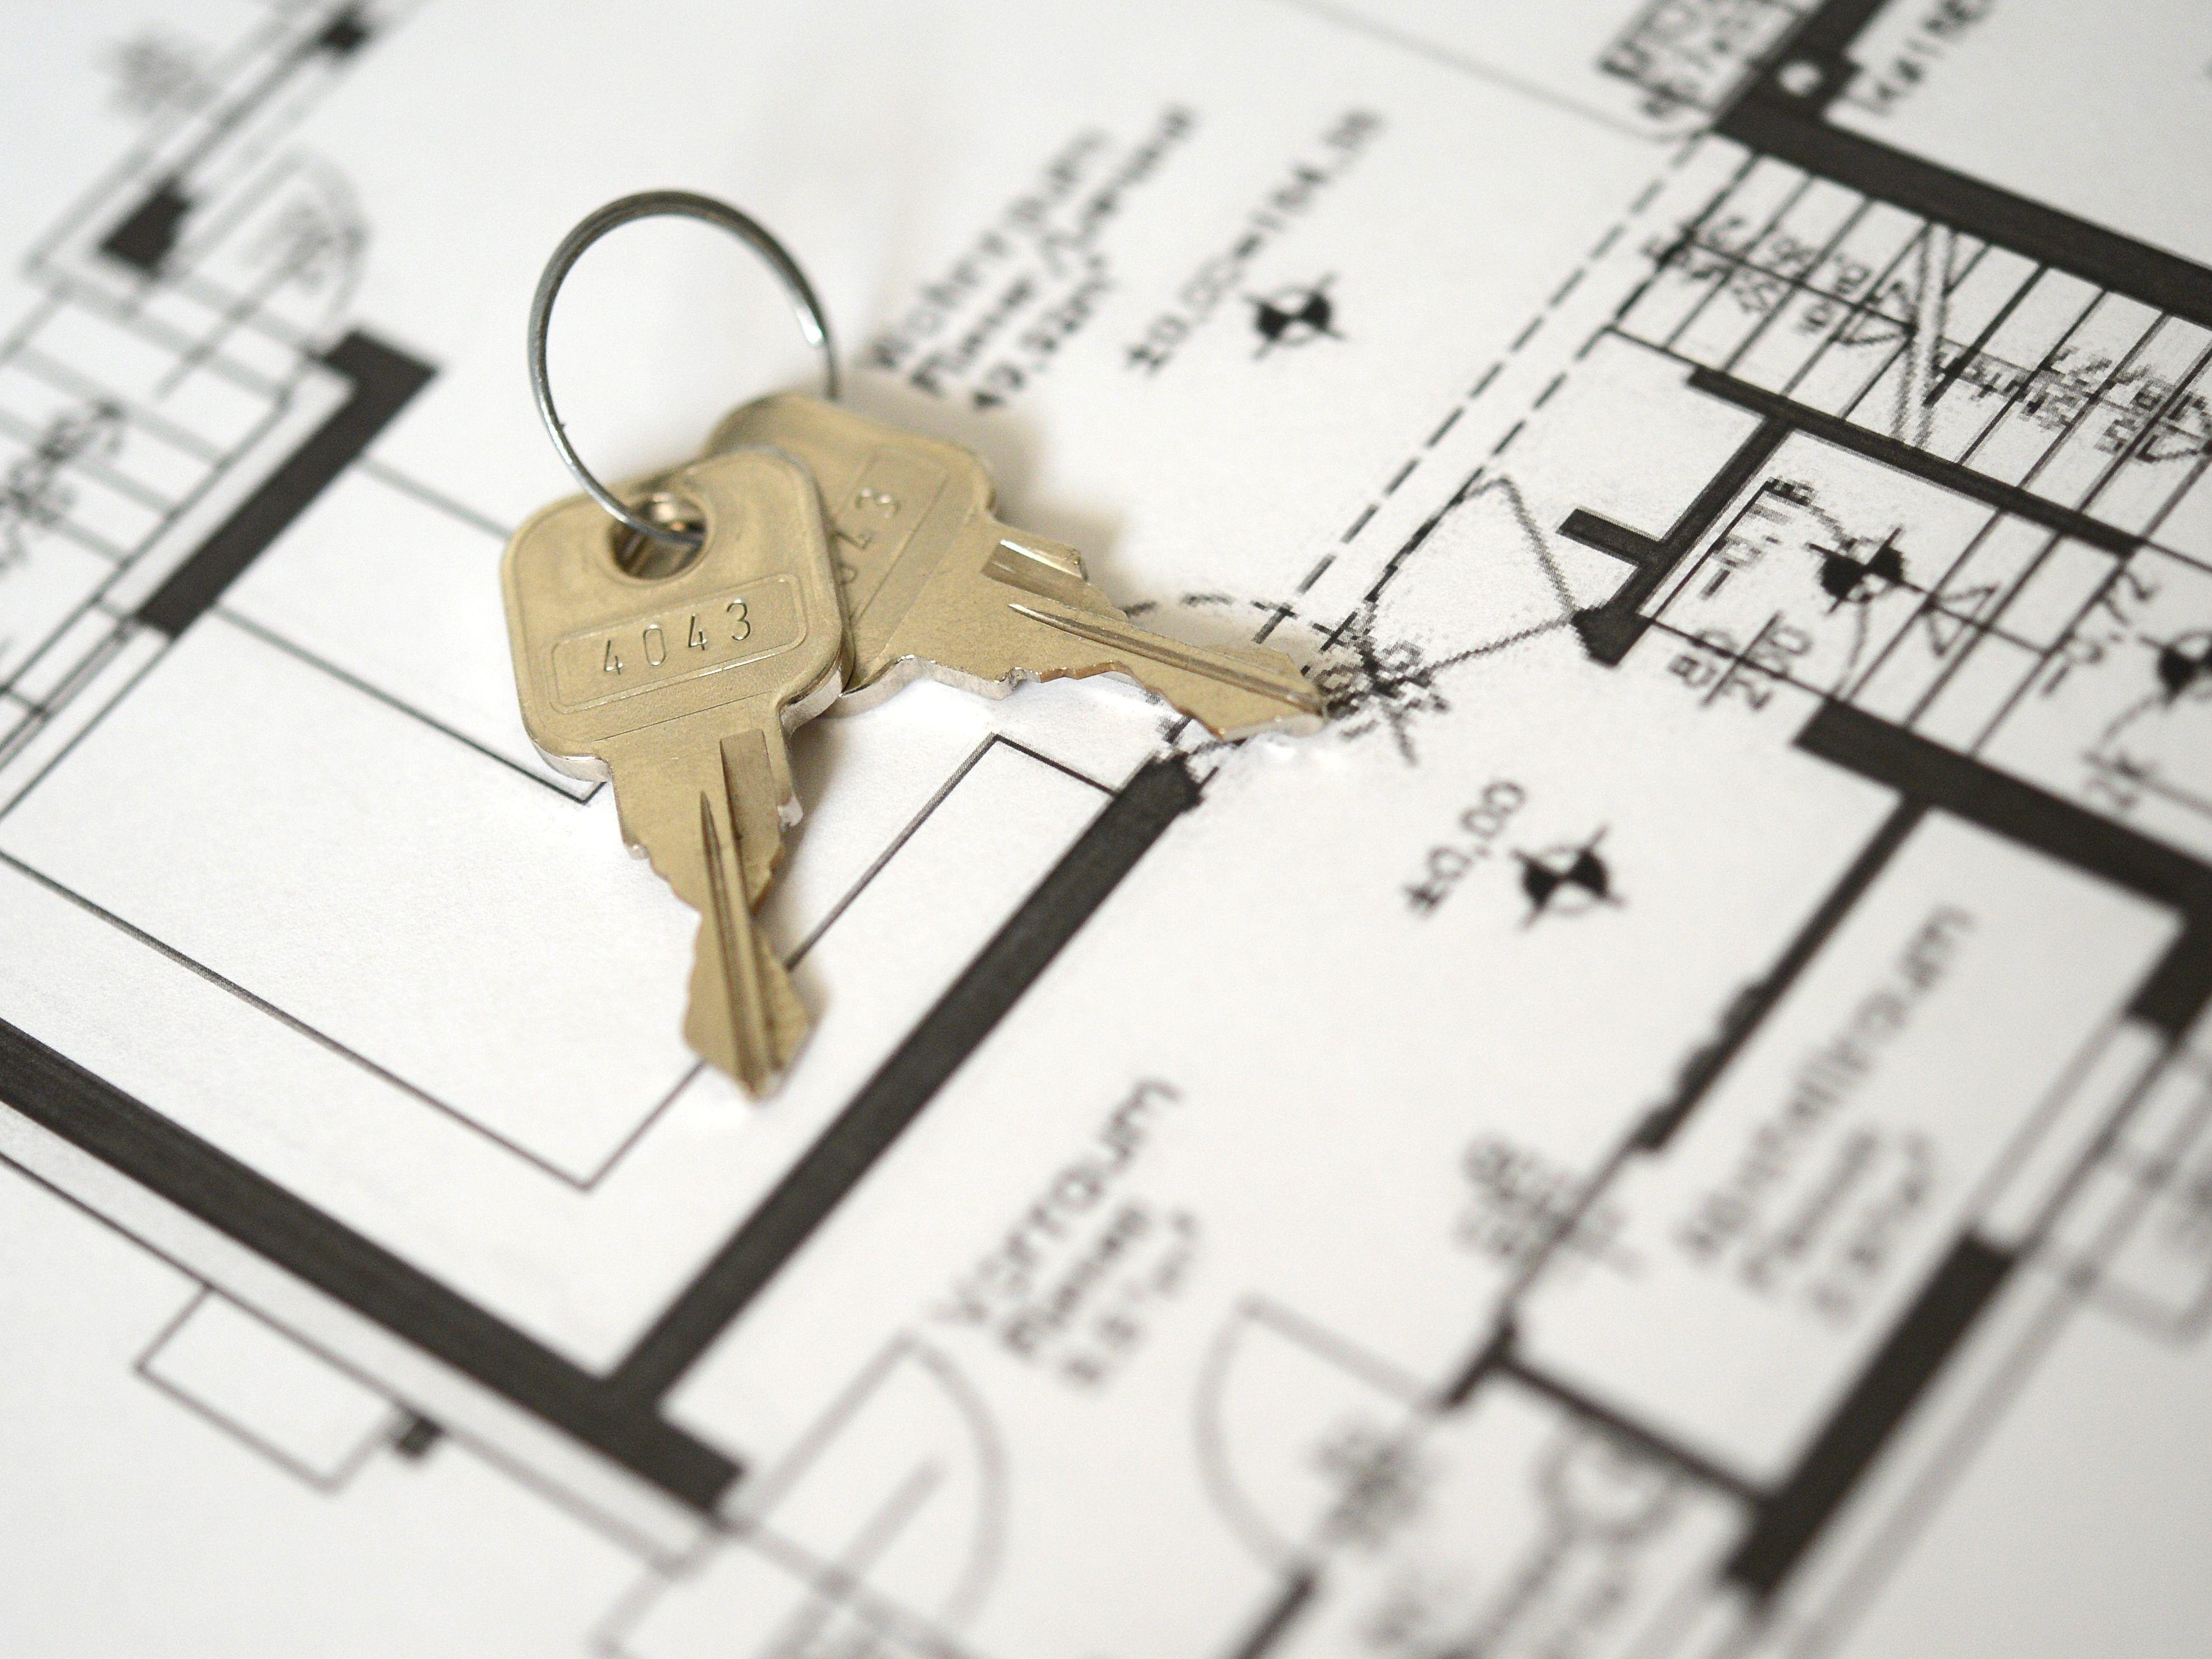 Immobilienpreise in Wien teuer – zusätzliche Wohnräume benötigt ...